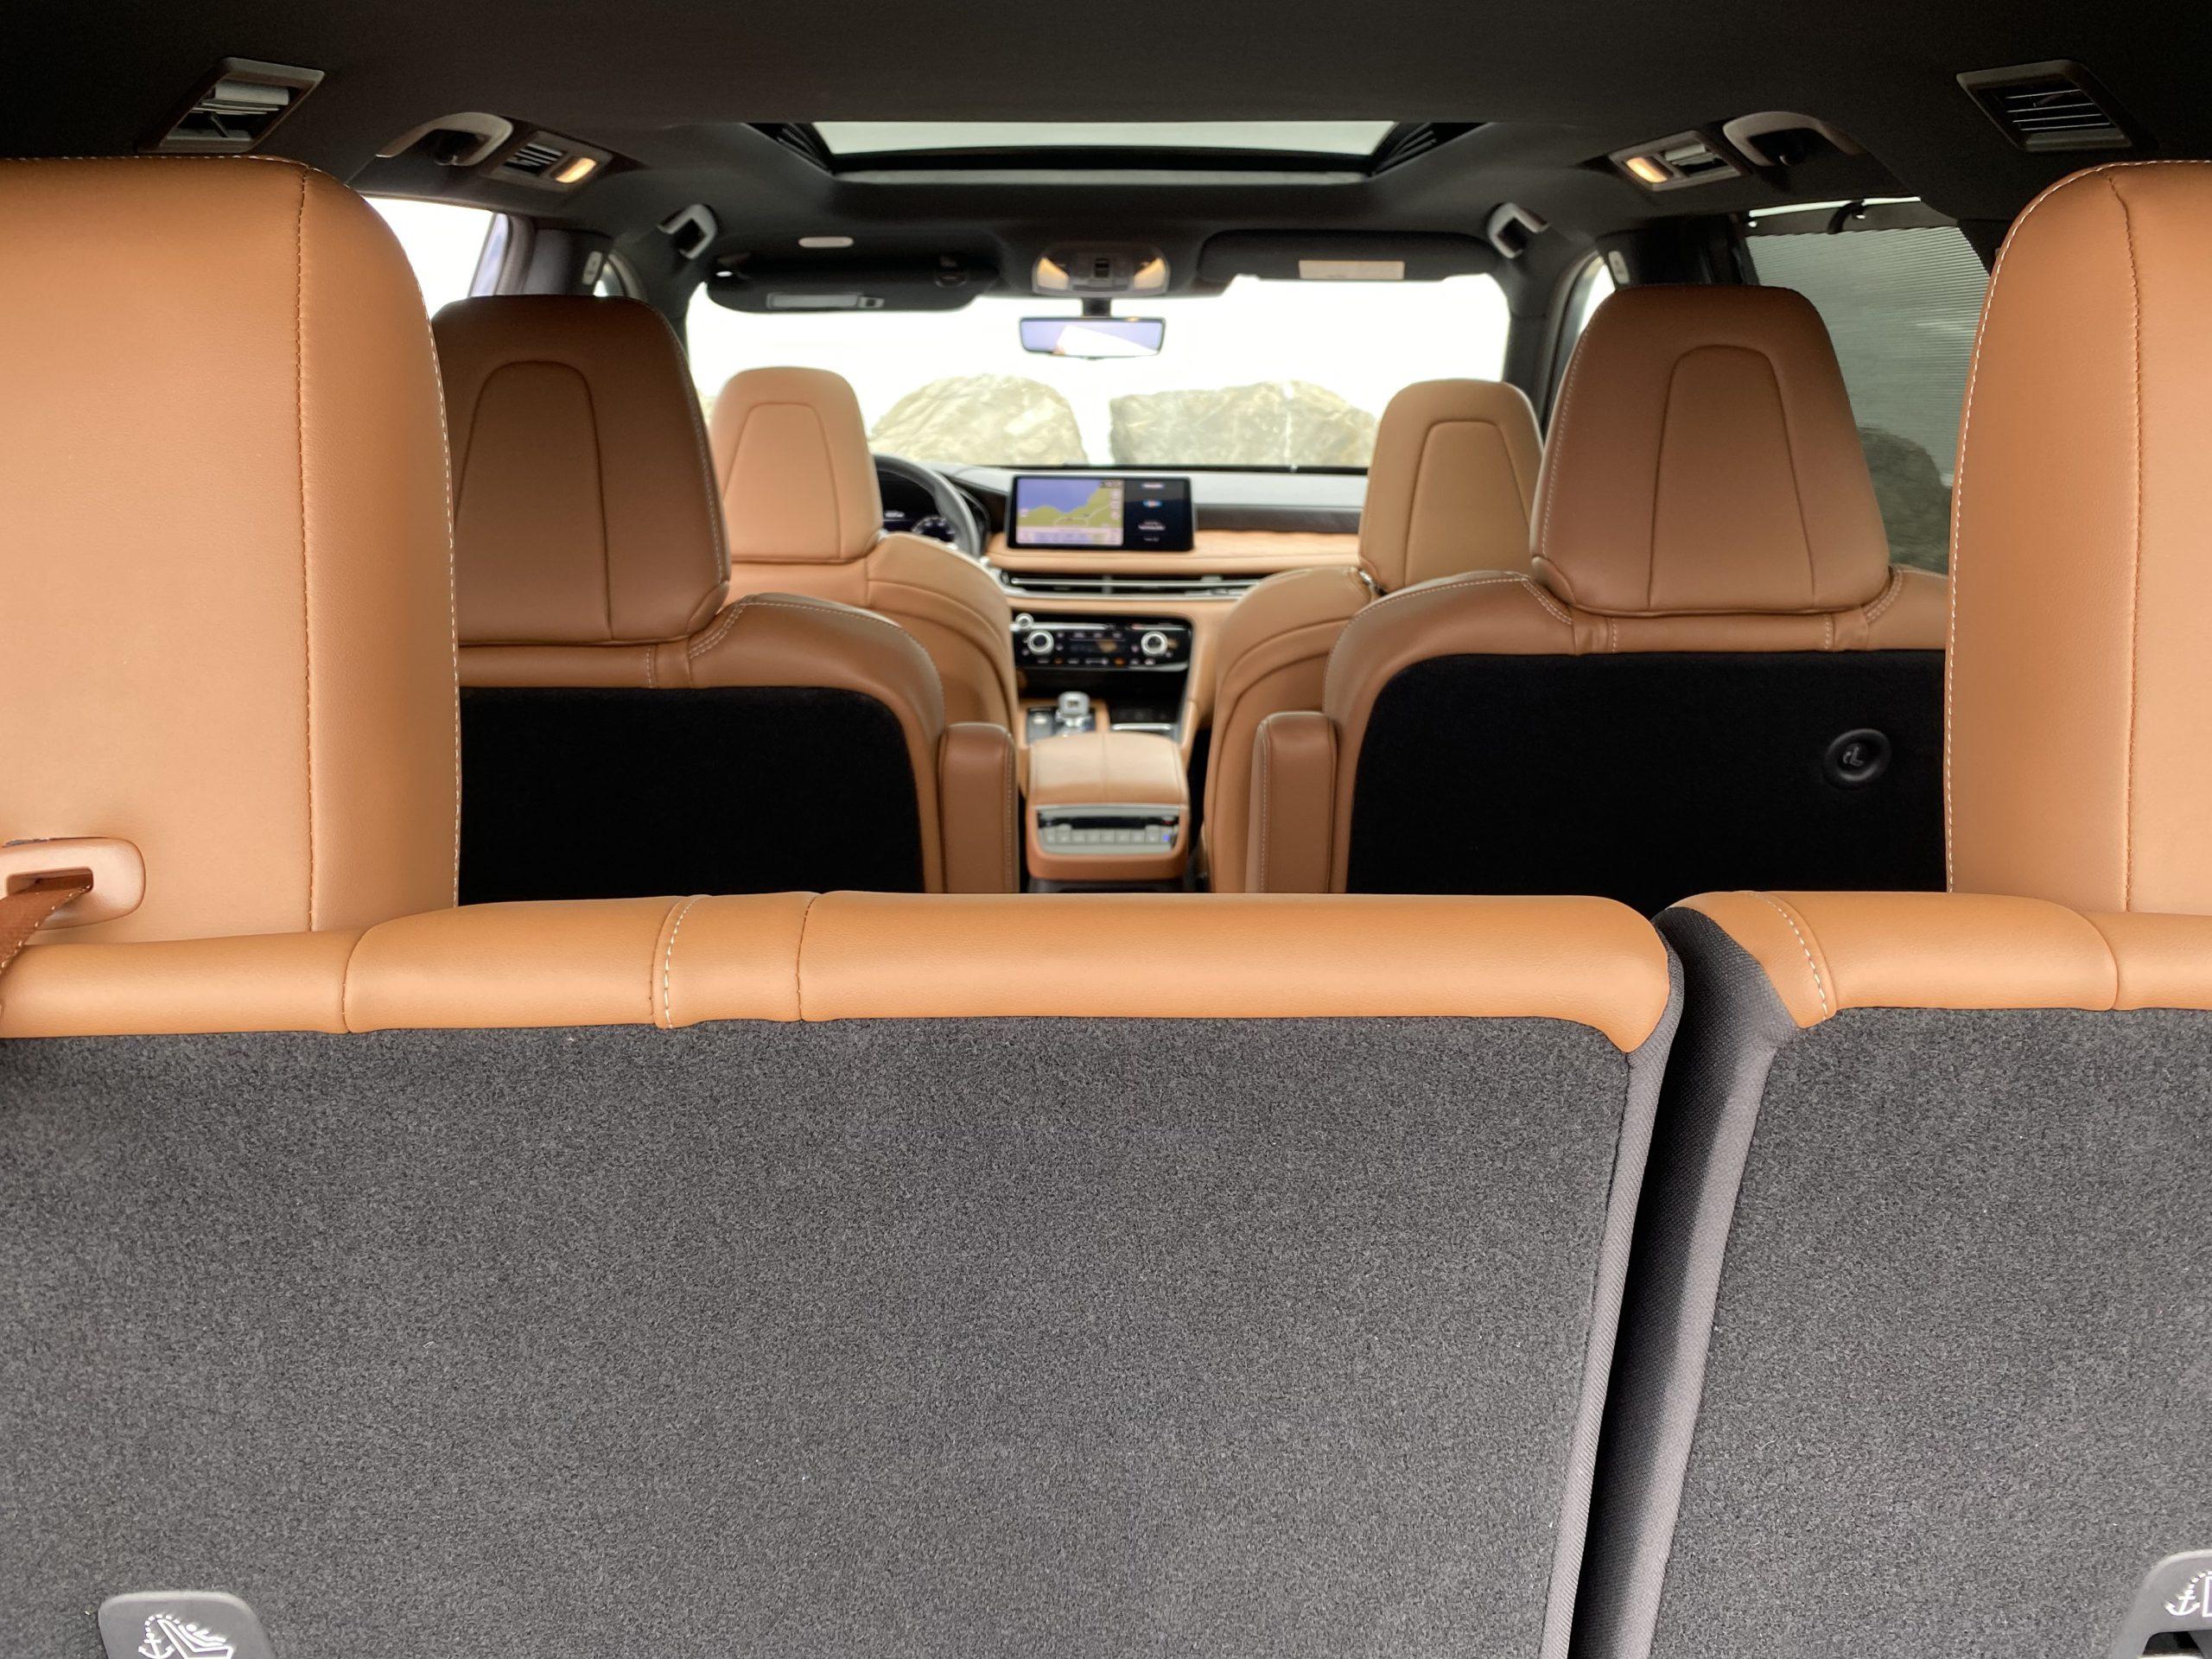 2022 Infiniti QX60 interior seats